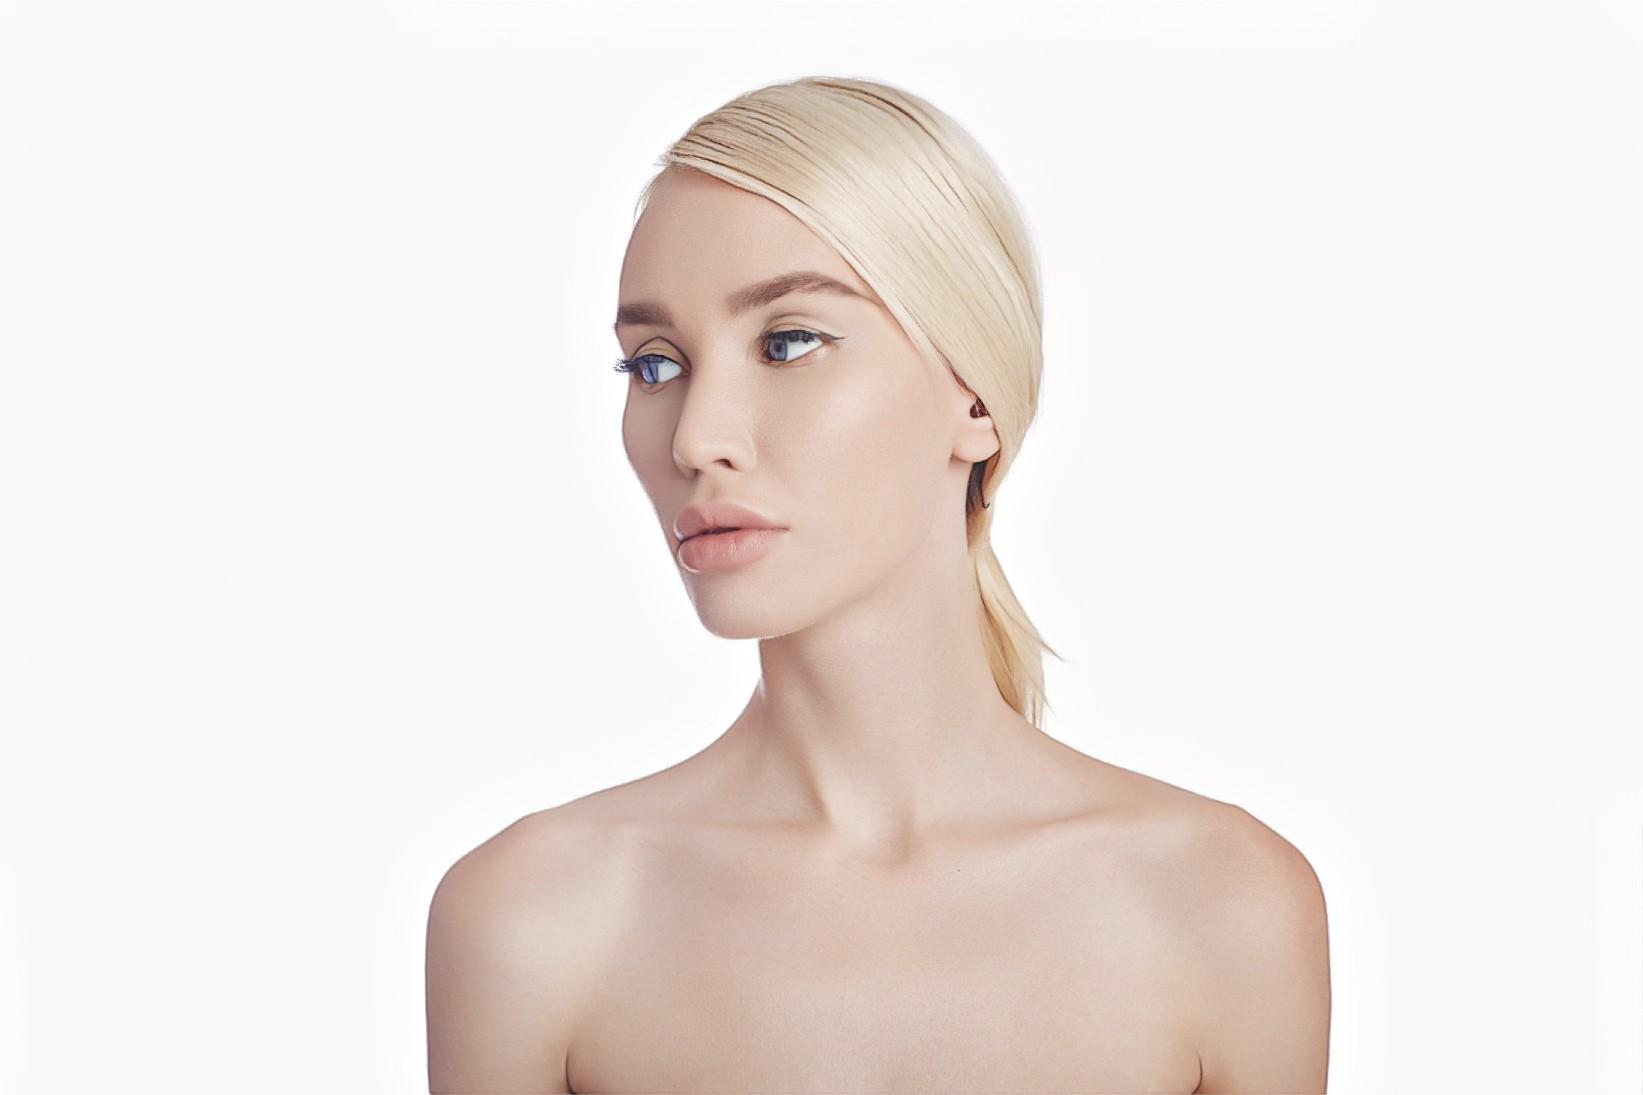 фото девушки после процедур с гиалуроновой кислотой